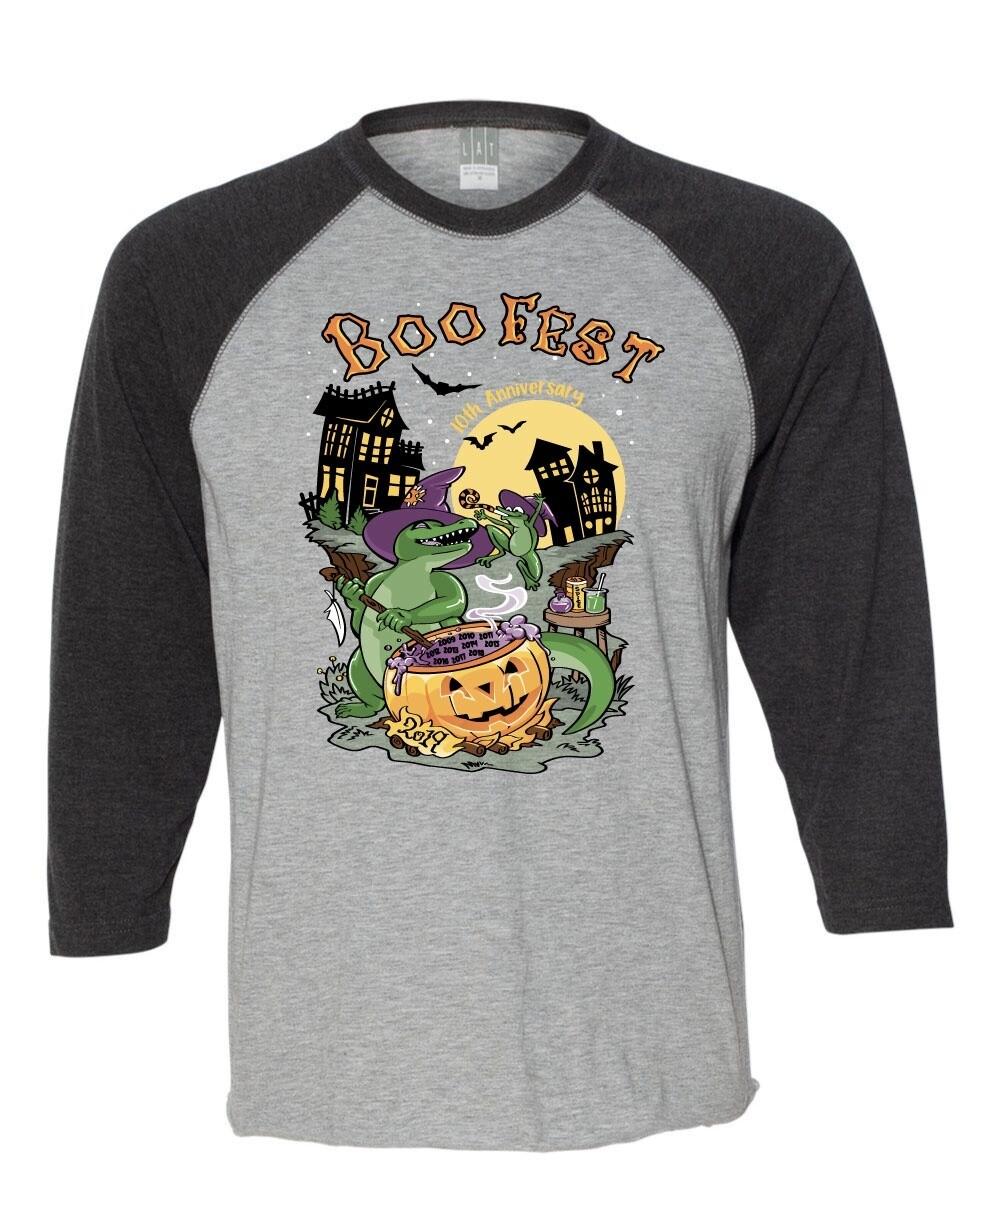 Boofest 2019 Baseball-Shirt